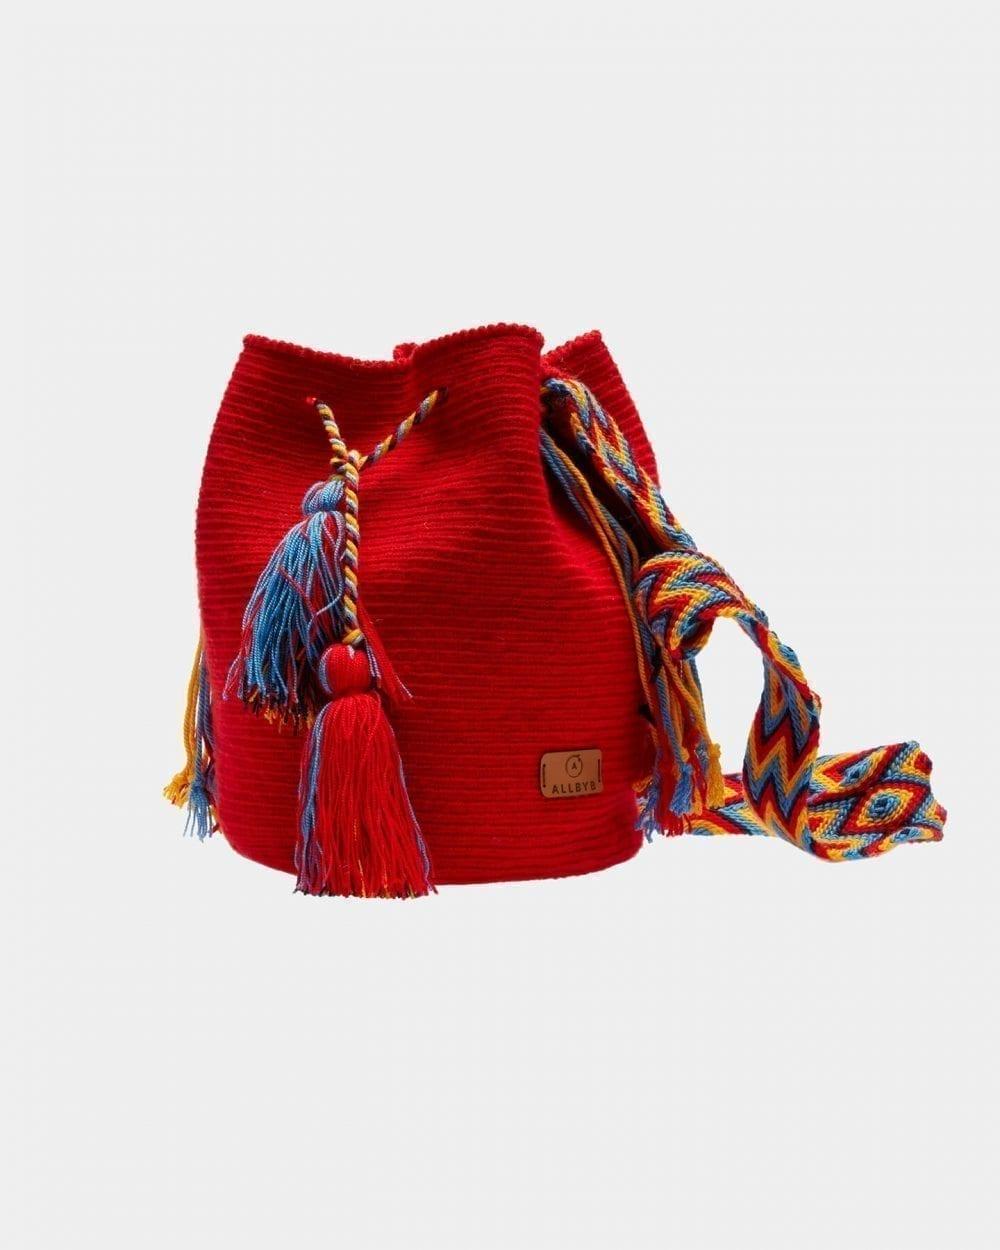 Maribel Red shoulder bag by ALLBYB Design, Philadelphia